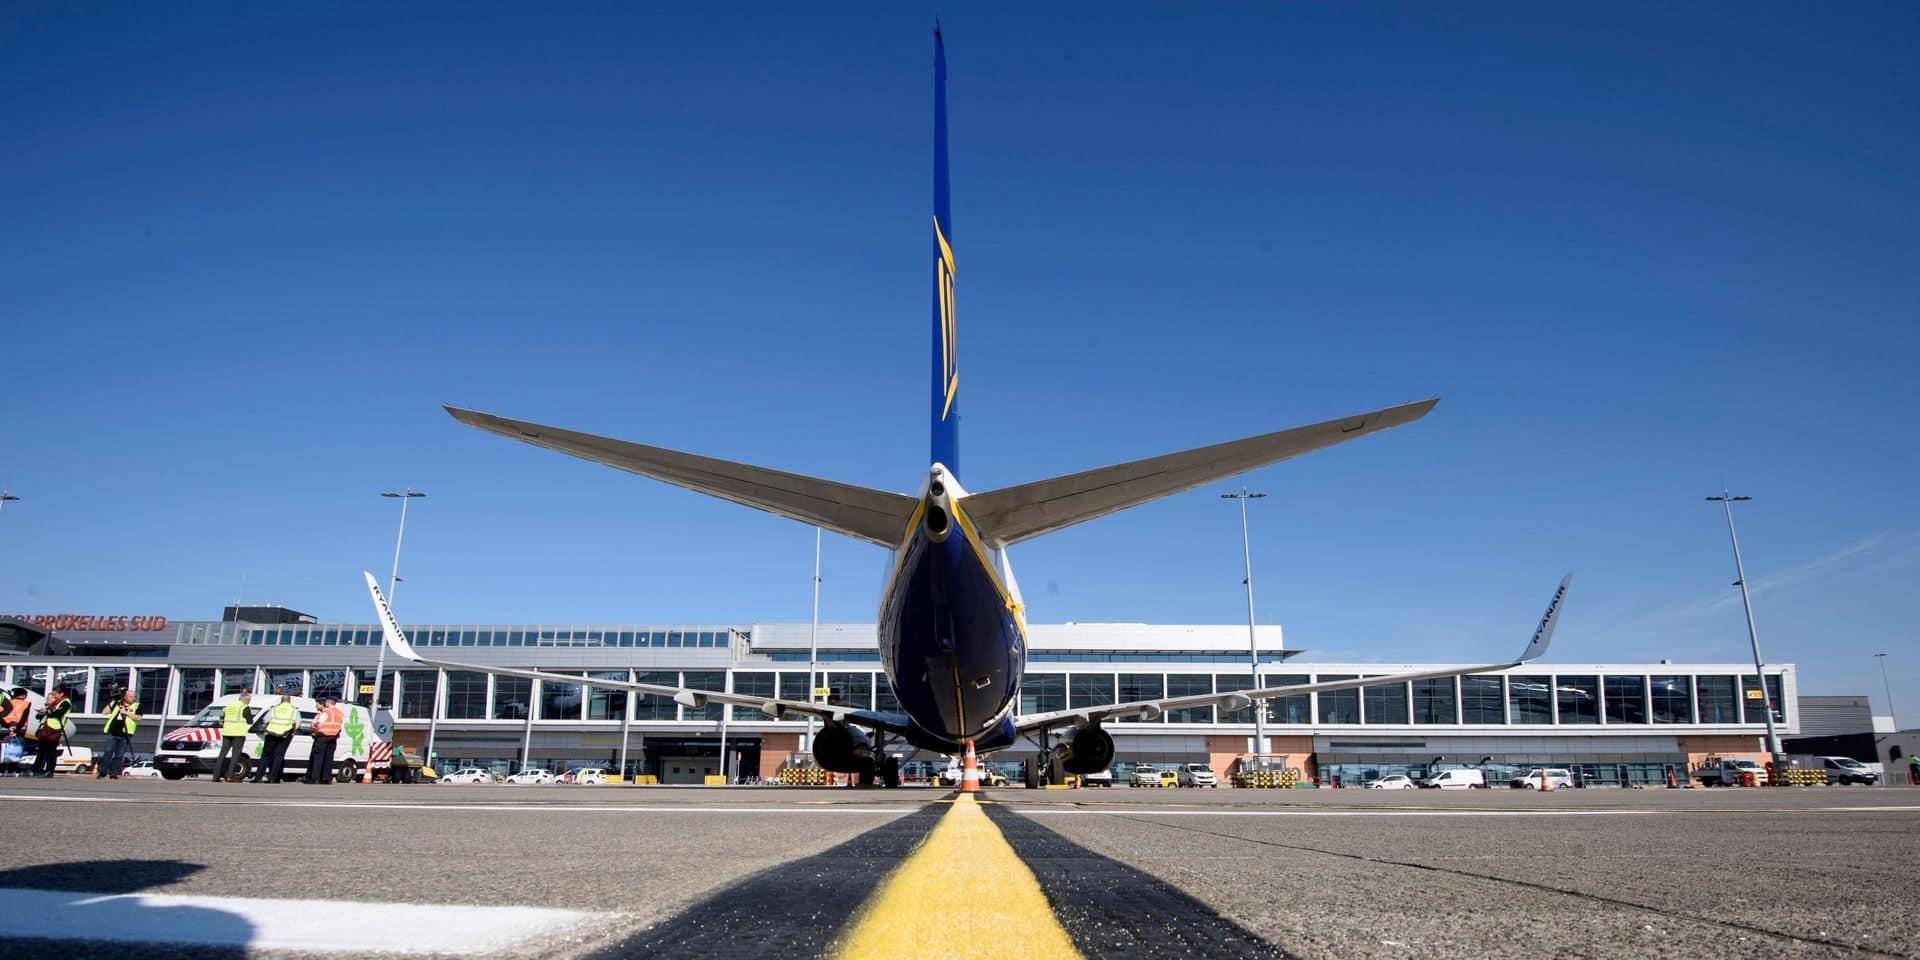 Panique et évacuation d'un avion à Zaventem à cause d'un passager enfermé aux toilettes